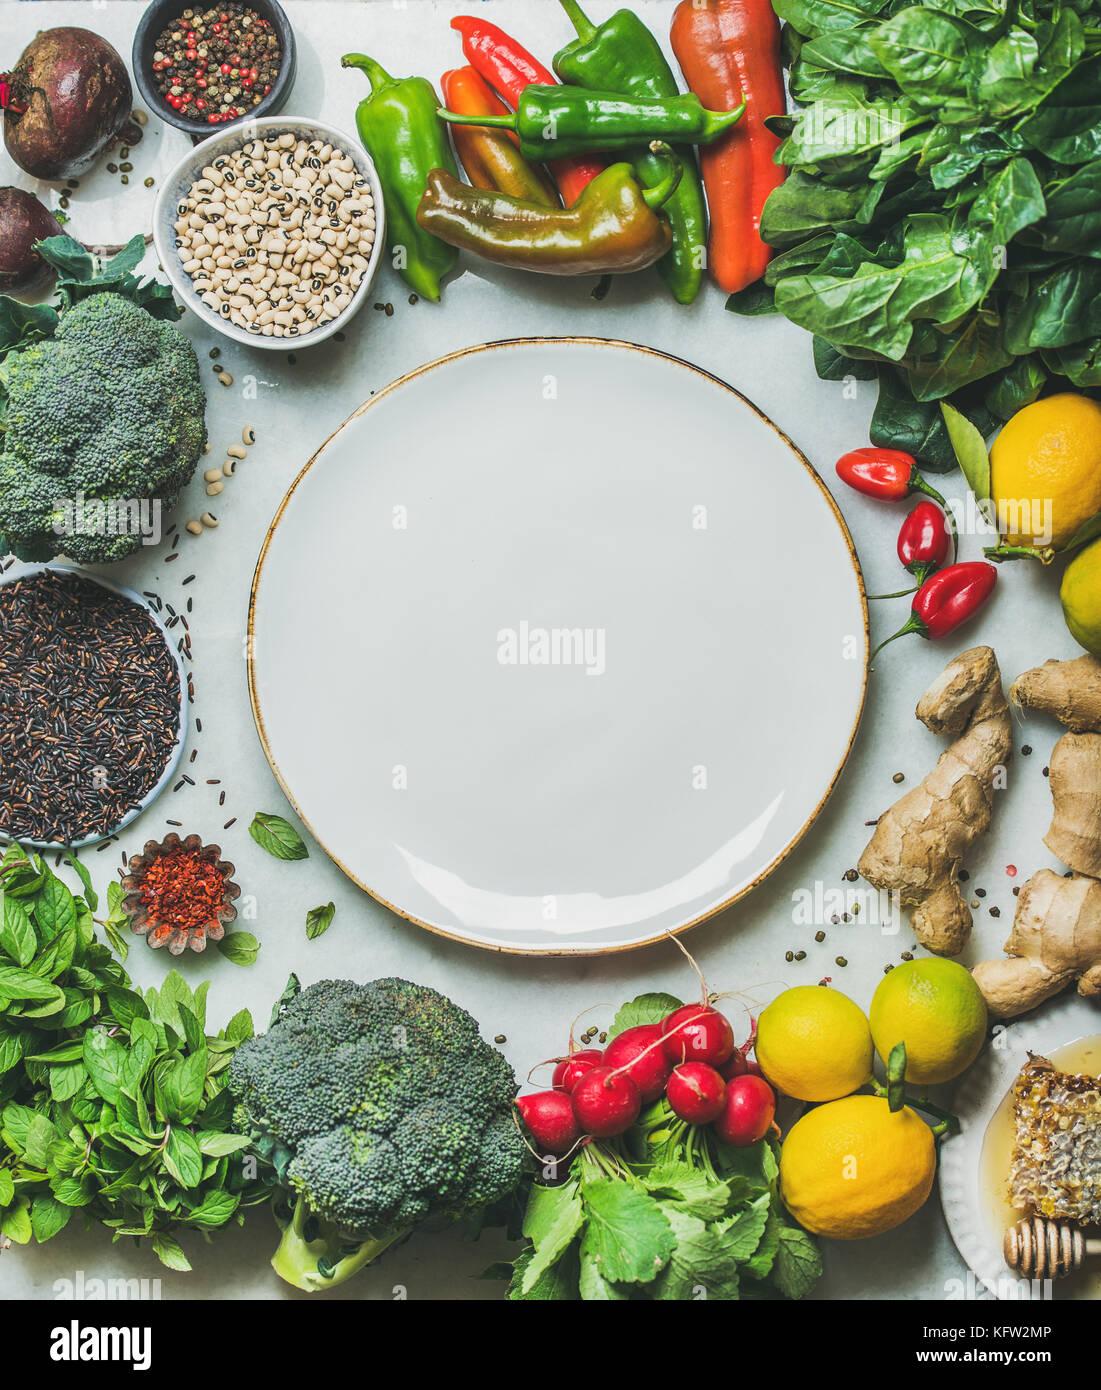 Pulire il mangiar sano di cottura Ingredienti e piastra rotonda in centro Immagini Stock